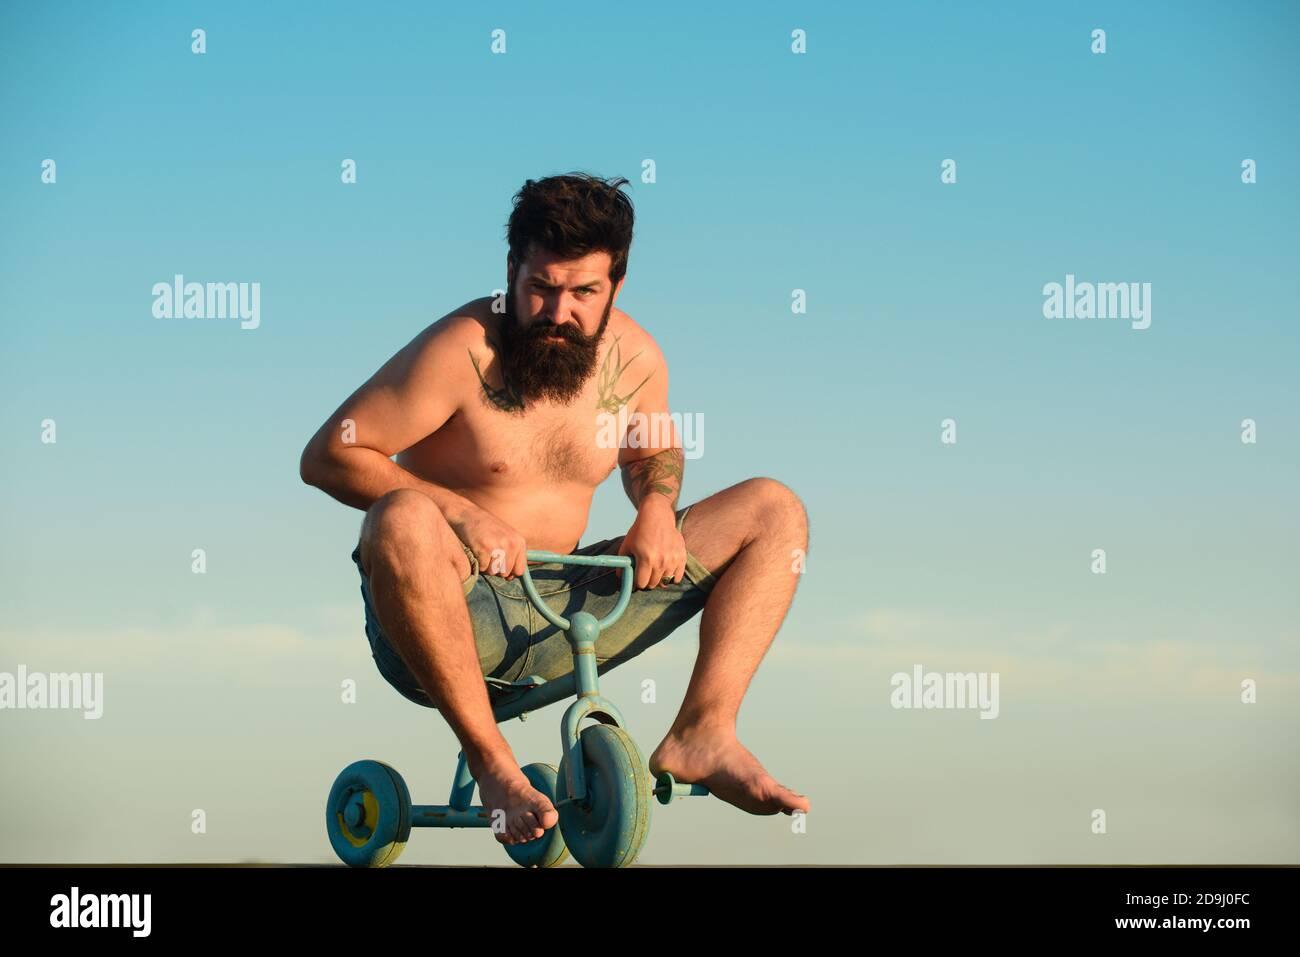 Drôle d'homme sur un vélo. Un homme fou et émotif sur un vélo pour enfants. Un fou qui fait du vélo. Banque D'Images